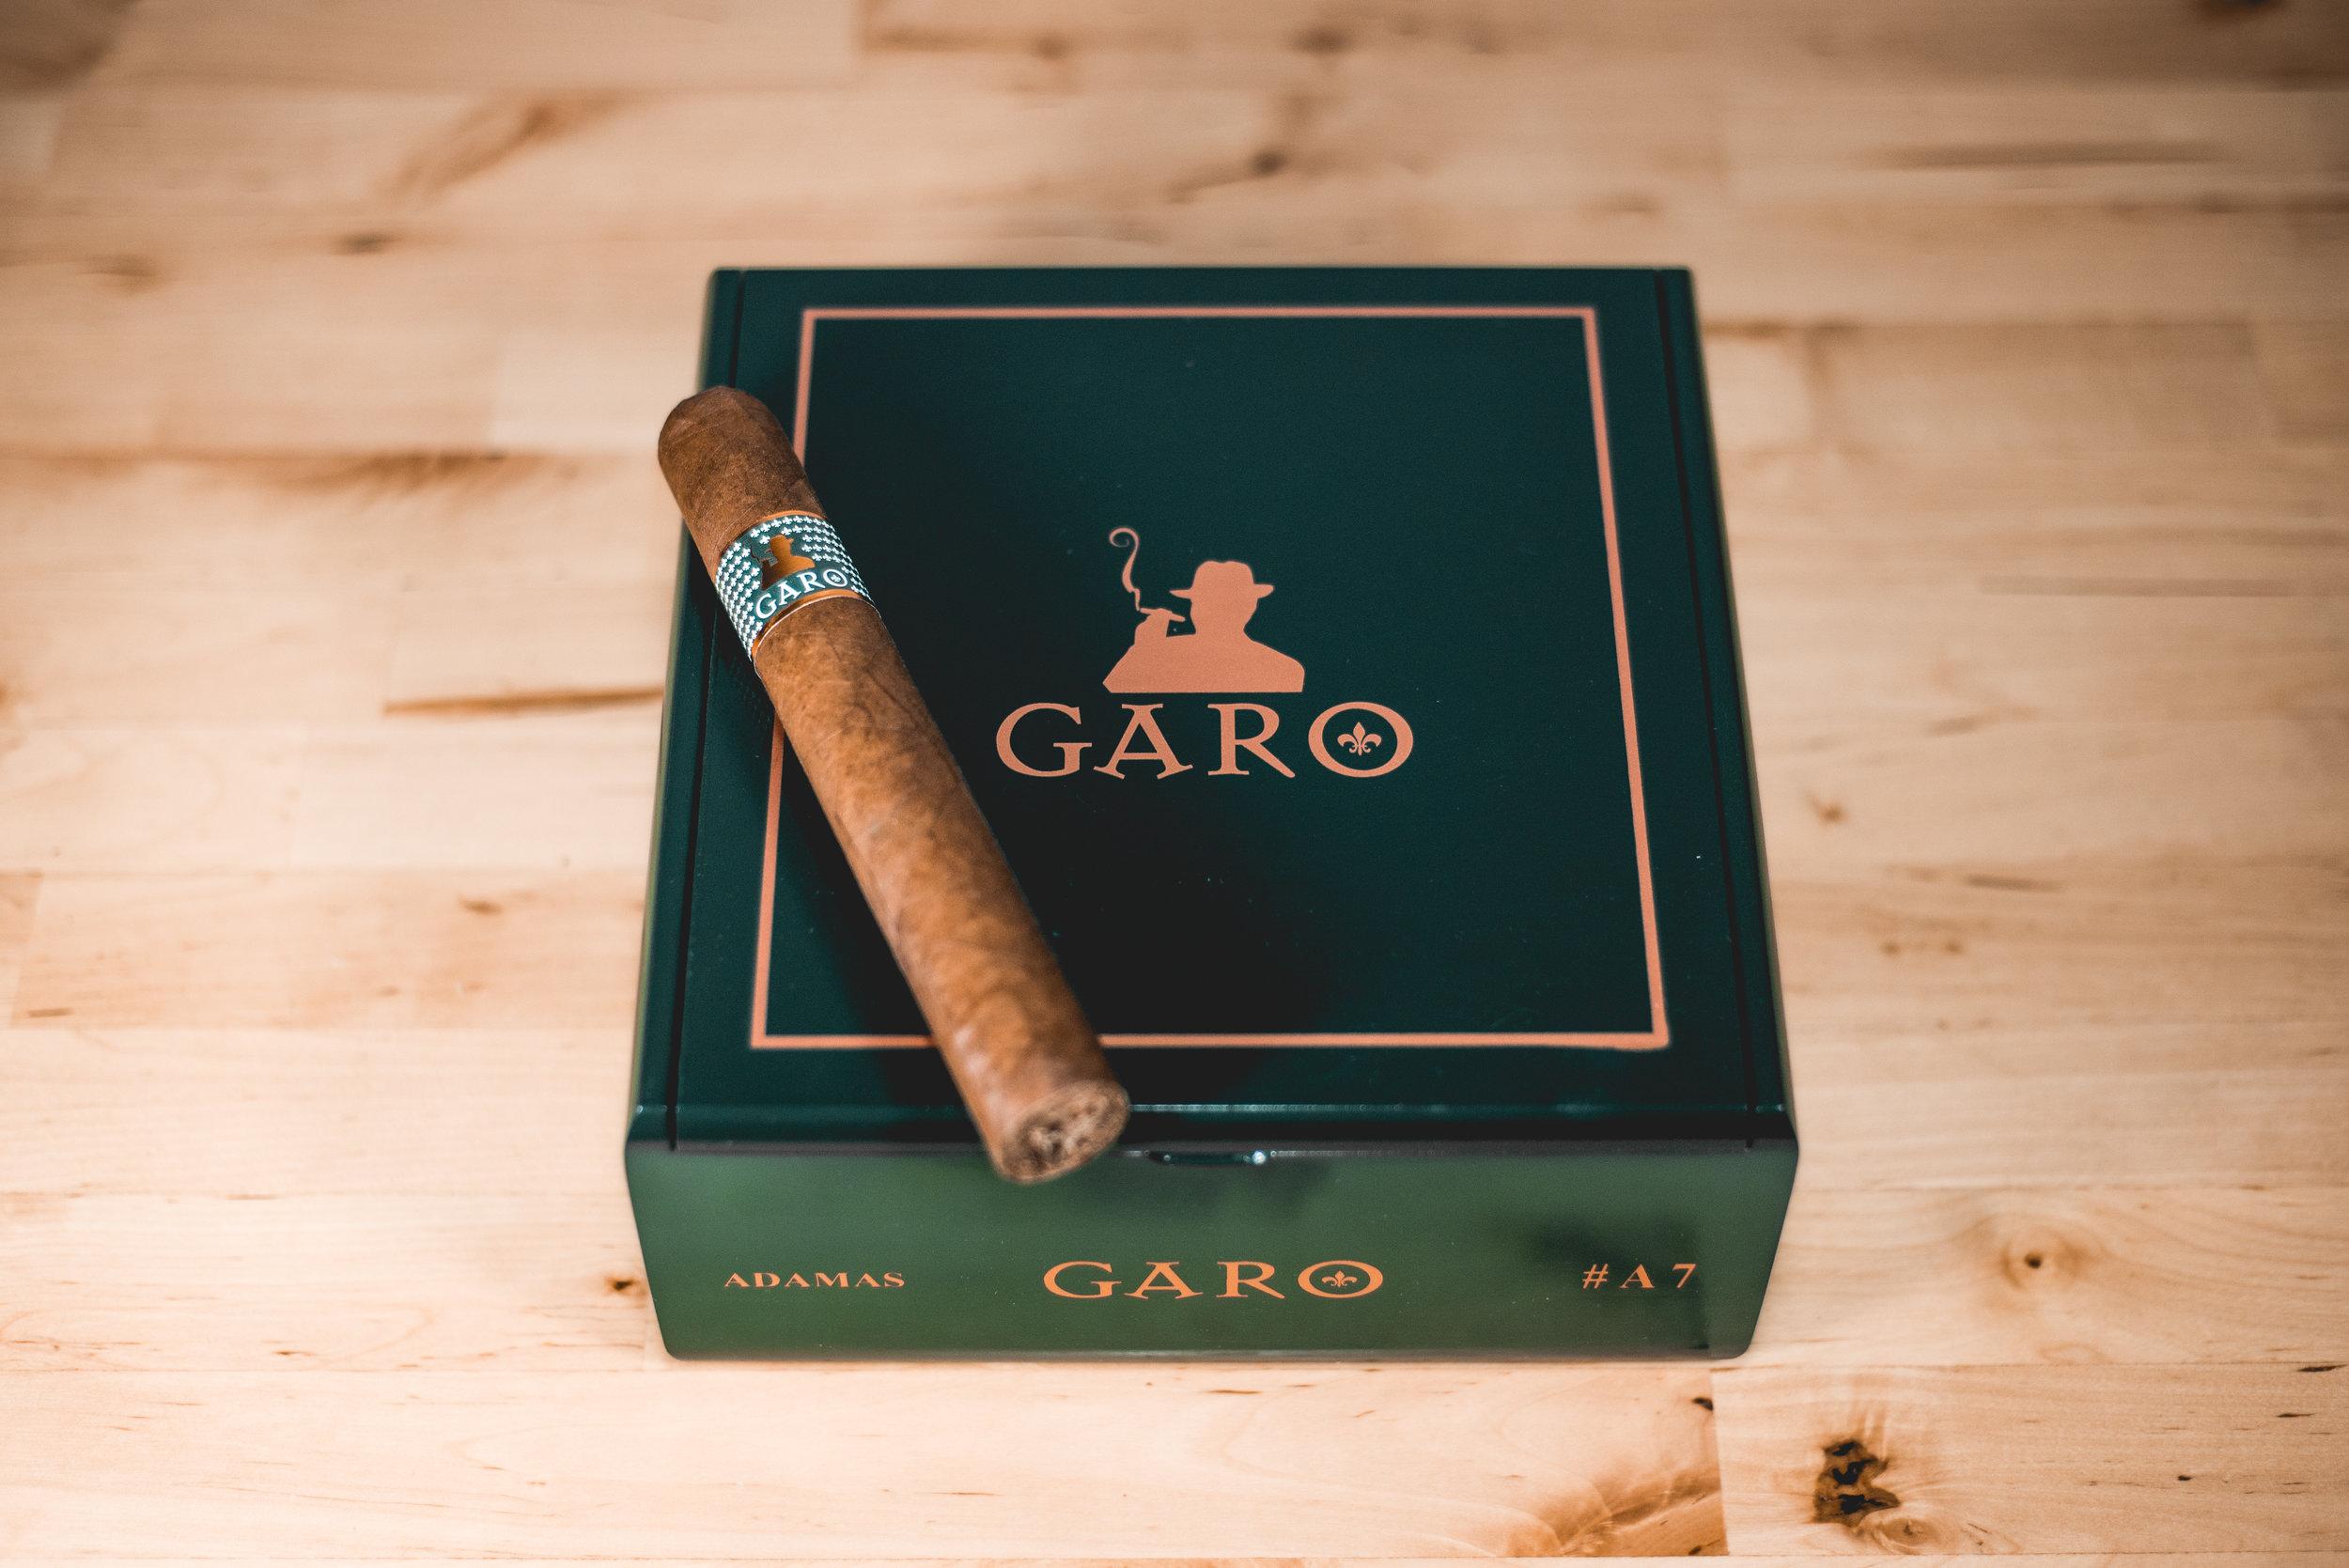 Adamas Cigarettes adamas - a7 — garo cigars